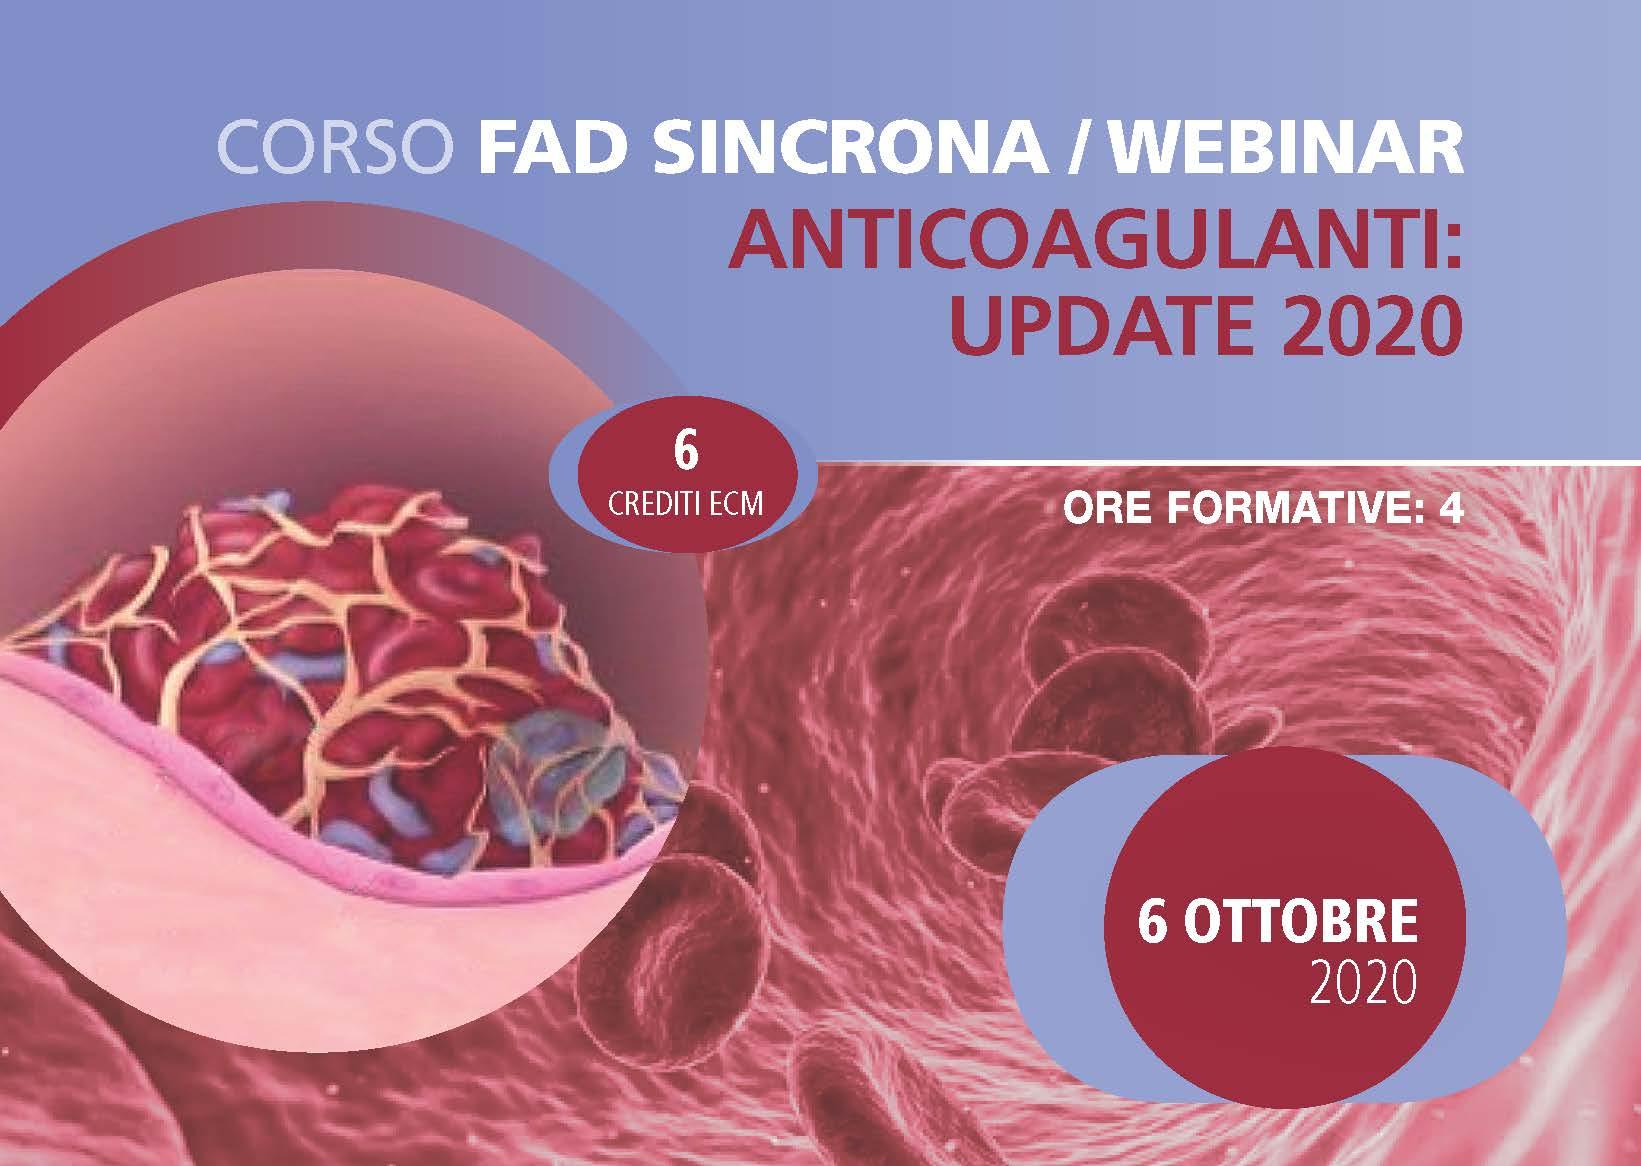 Anticoagulanti: Update 2020